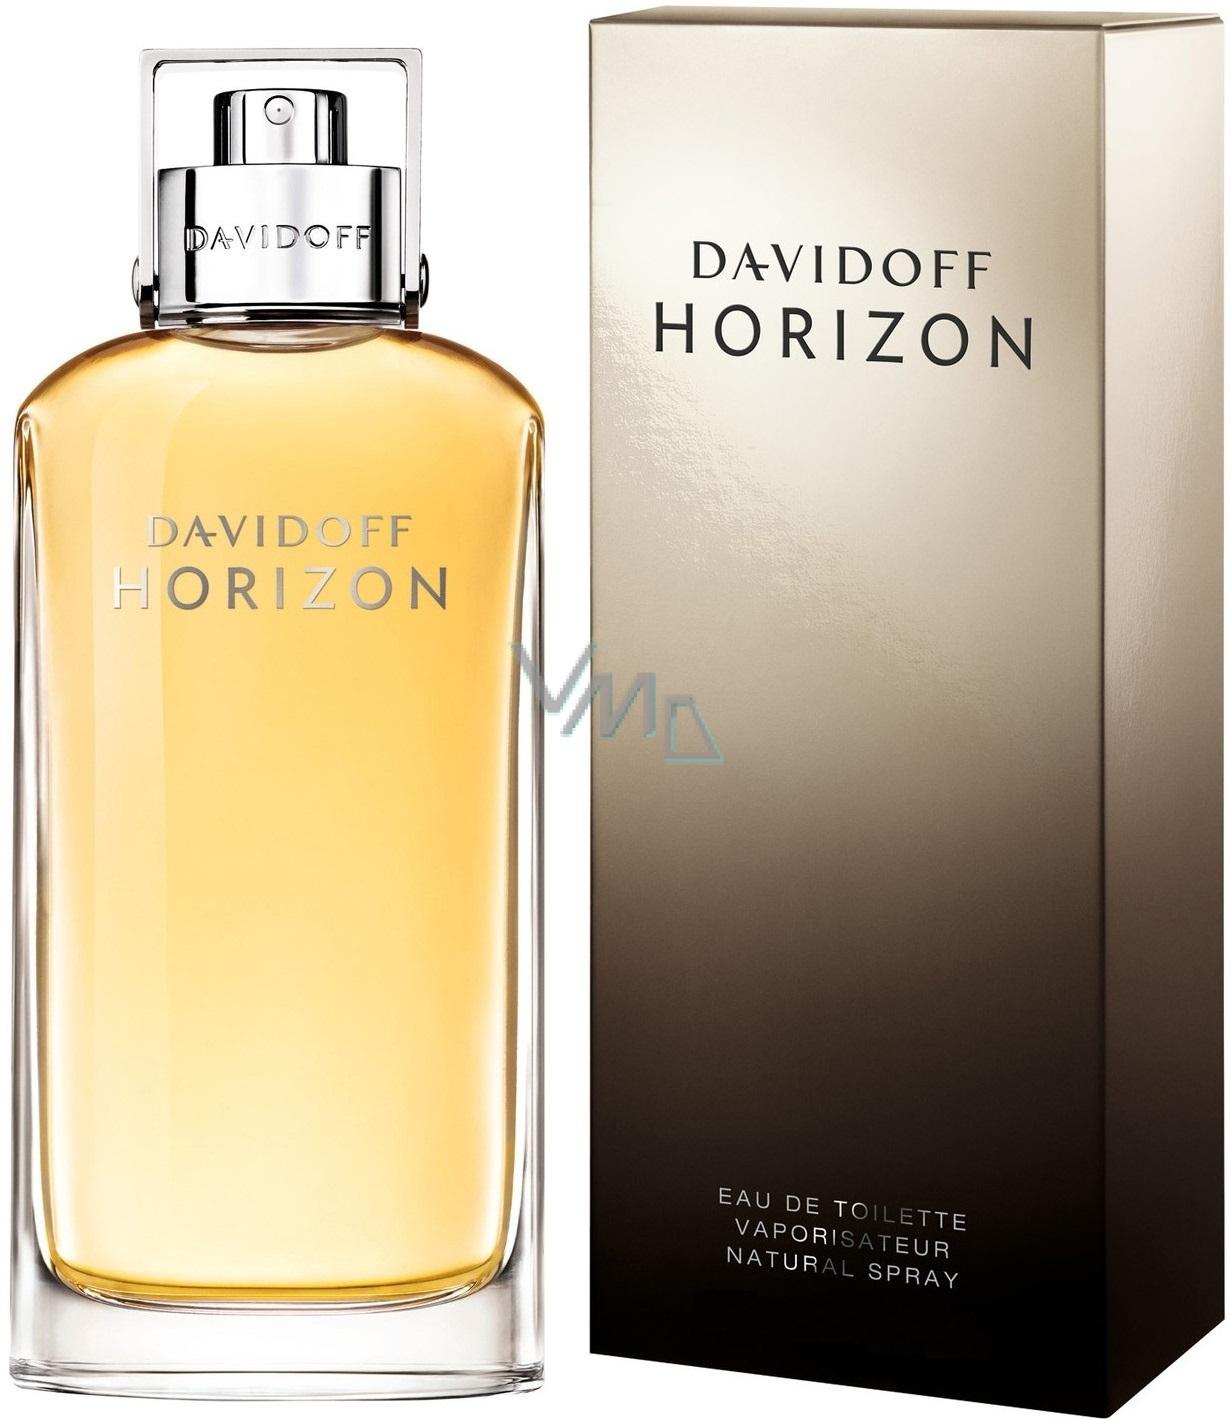 Davidoff Horizont toaletní voda pro muže 75 ml